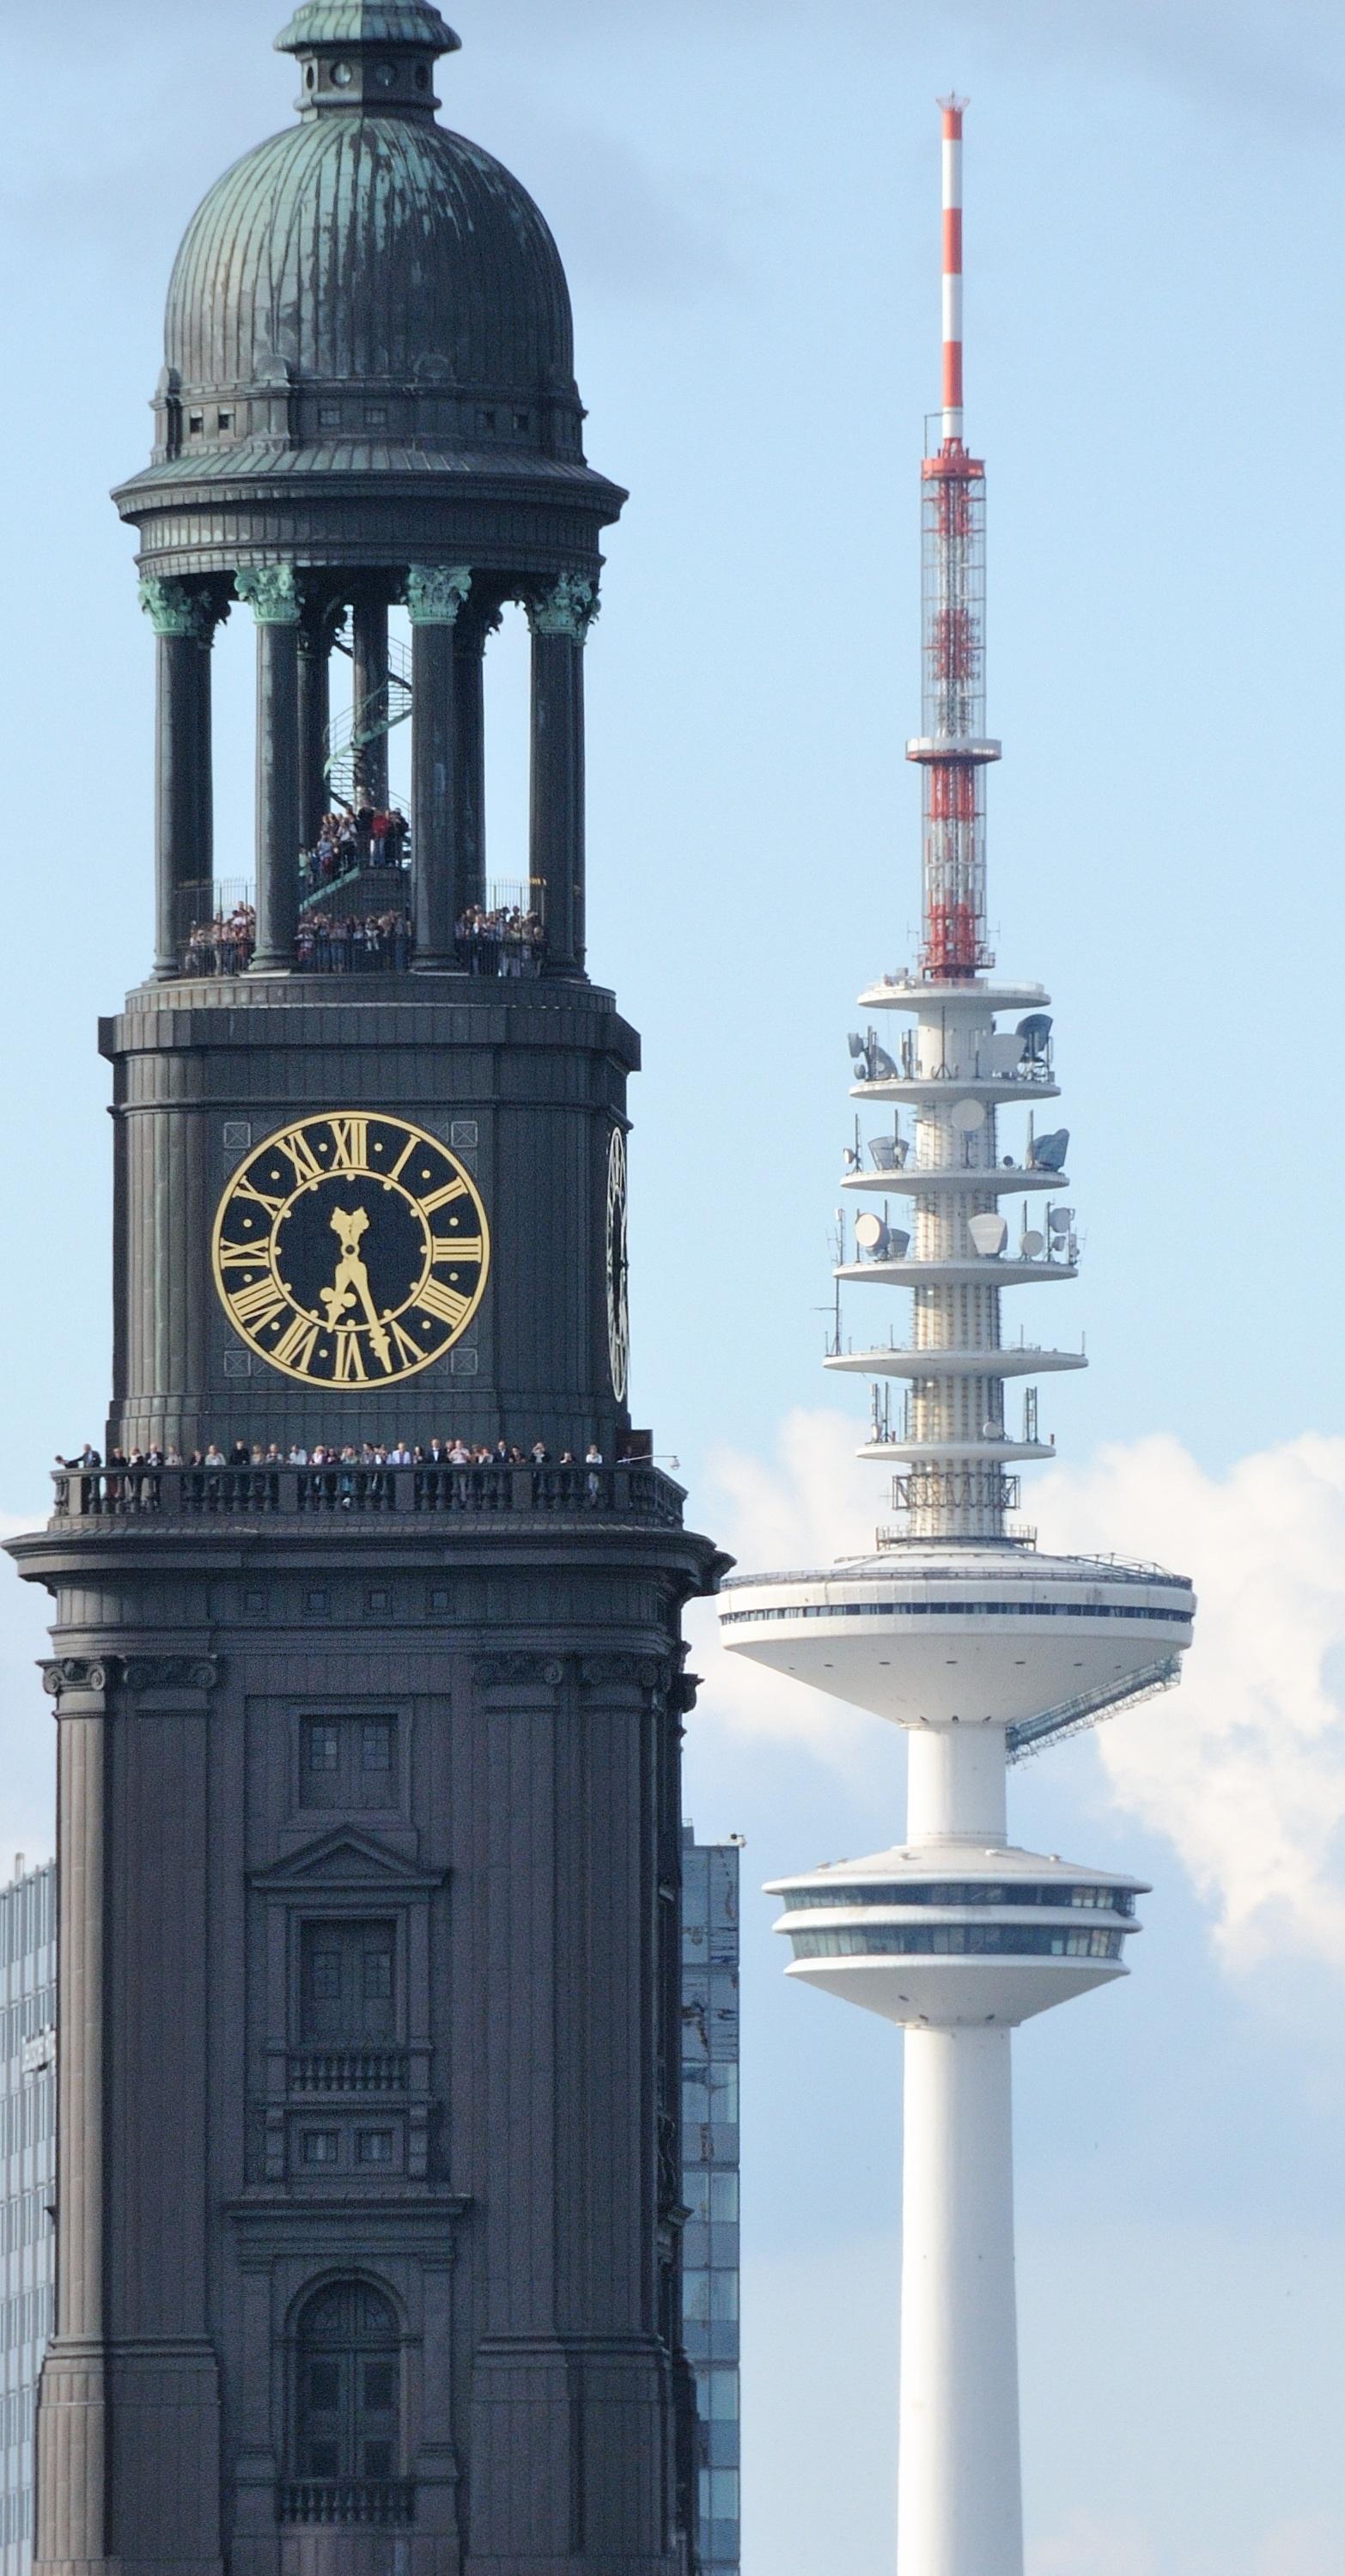 kostenlose foto die architektur skyline uhr turm wahrzeichen kirche hafen glockenturm. Black Bedroom Furniture Sets. Home Design Ideas